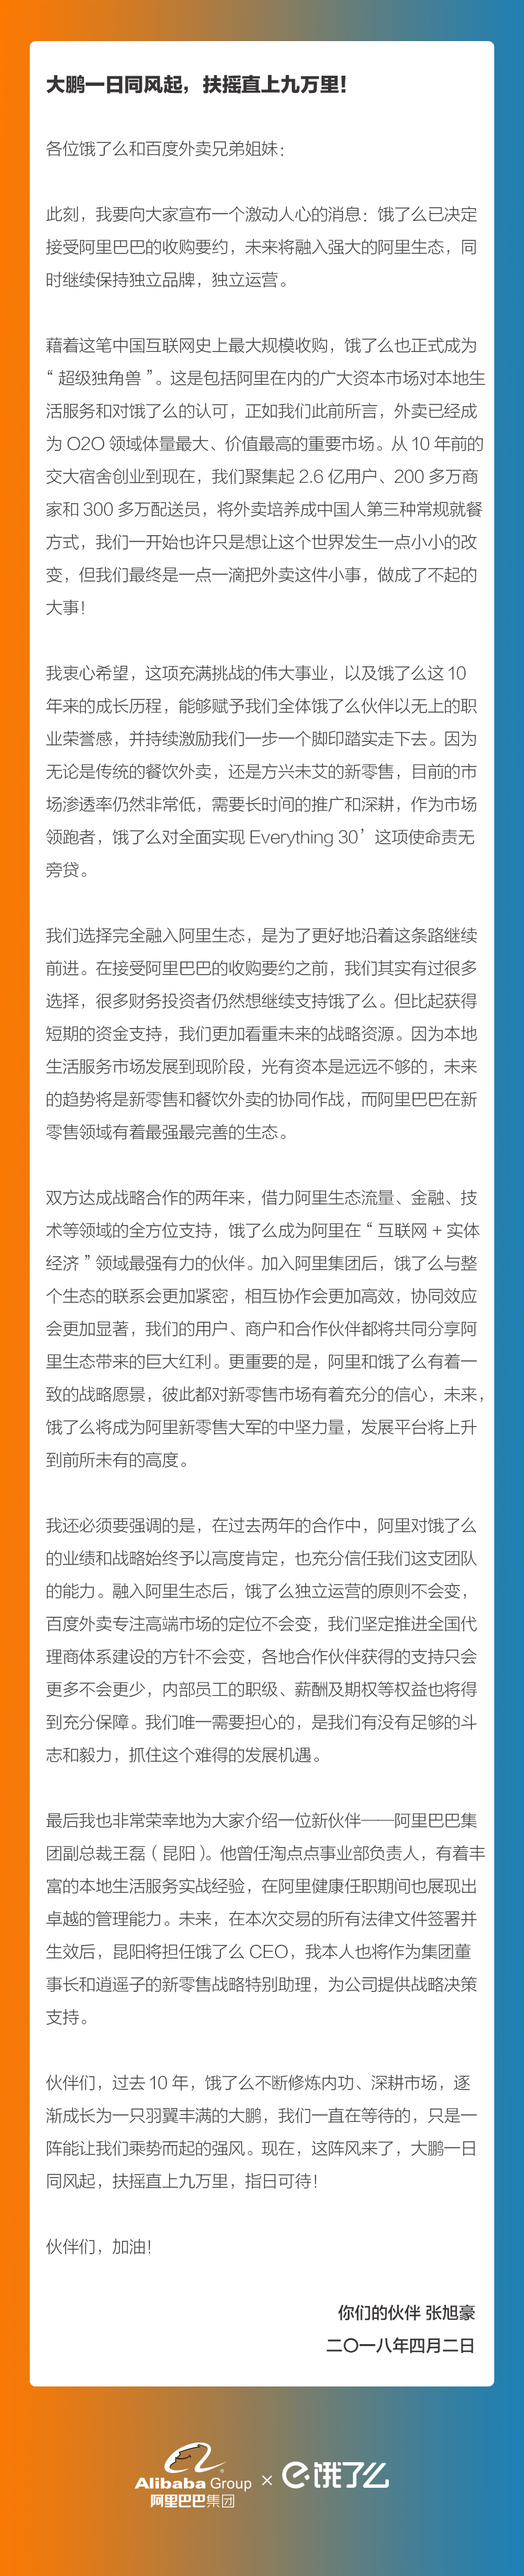 10张旭豪员工信全文